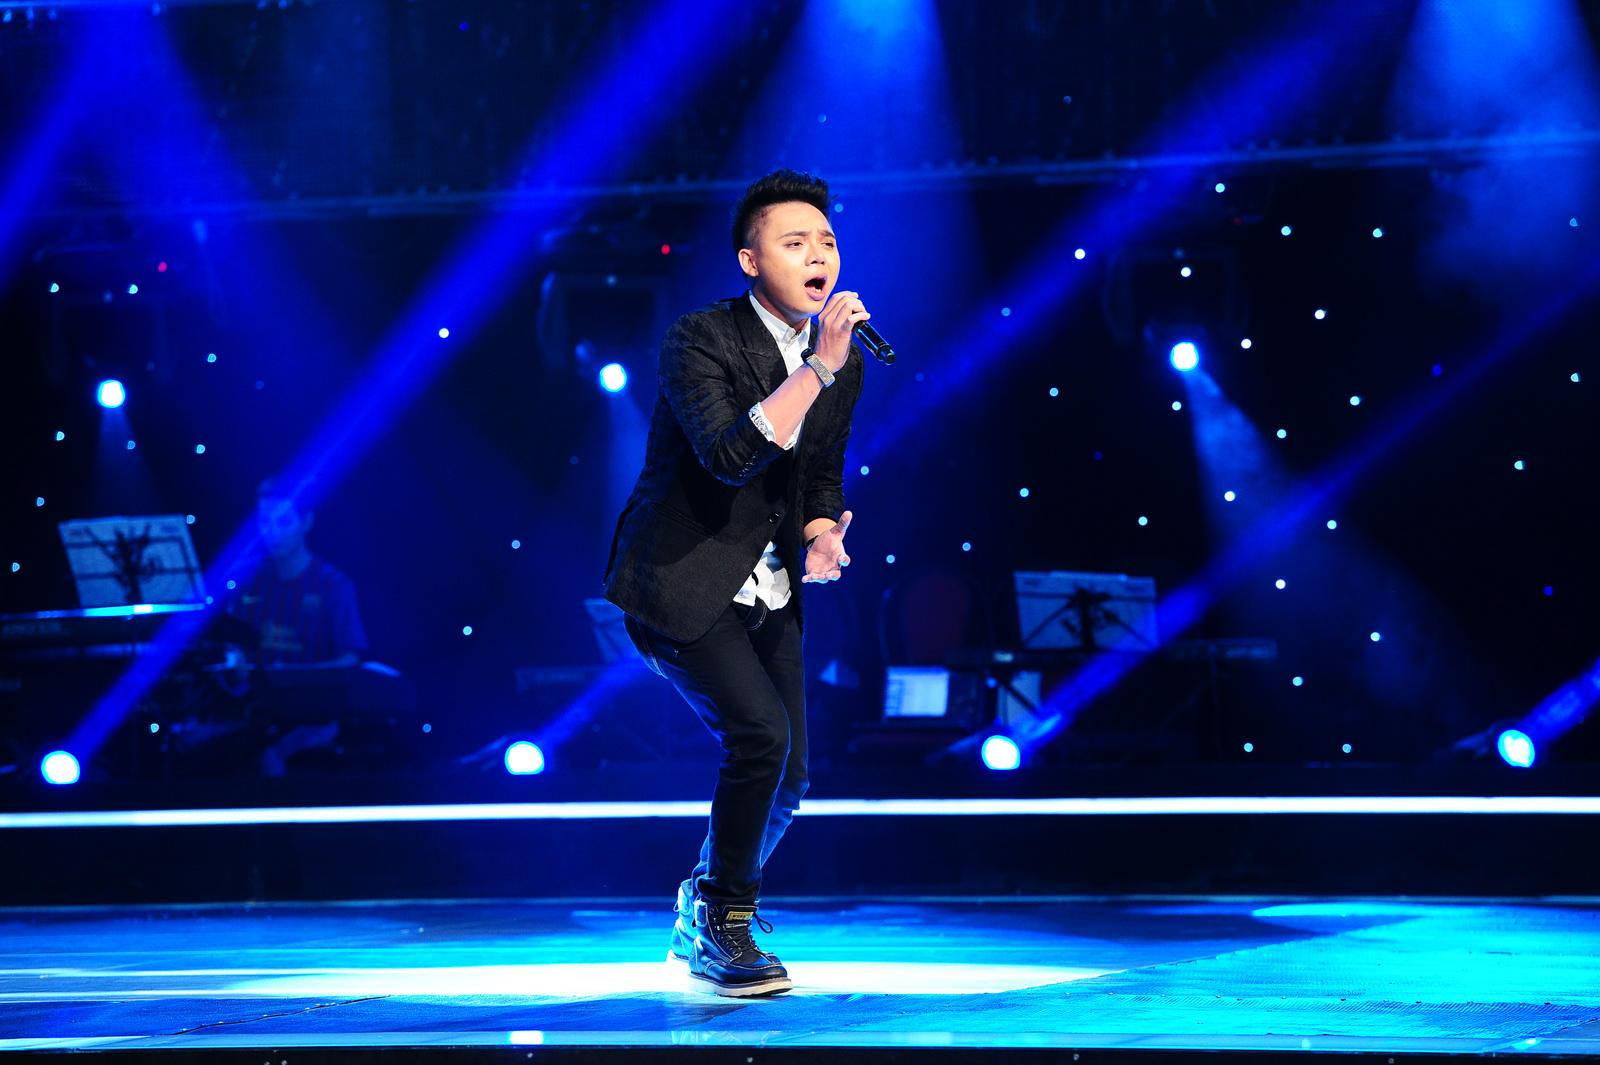 Tập 4 Giọng hát Việt  - Một giọng xuất sắc, nhiều giọng nhàn nhạt 5